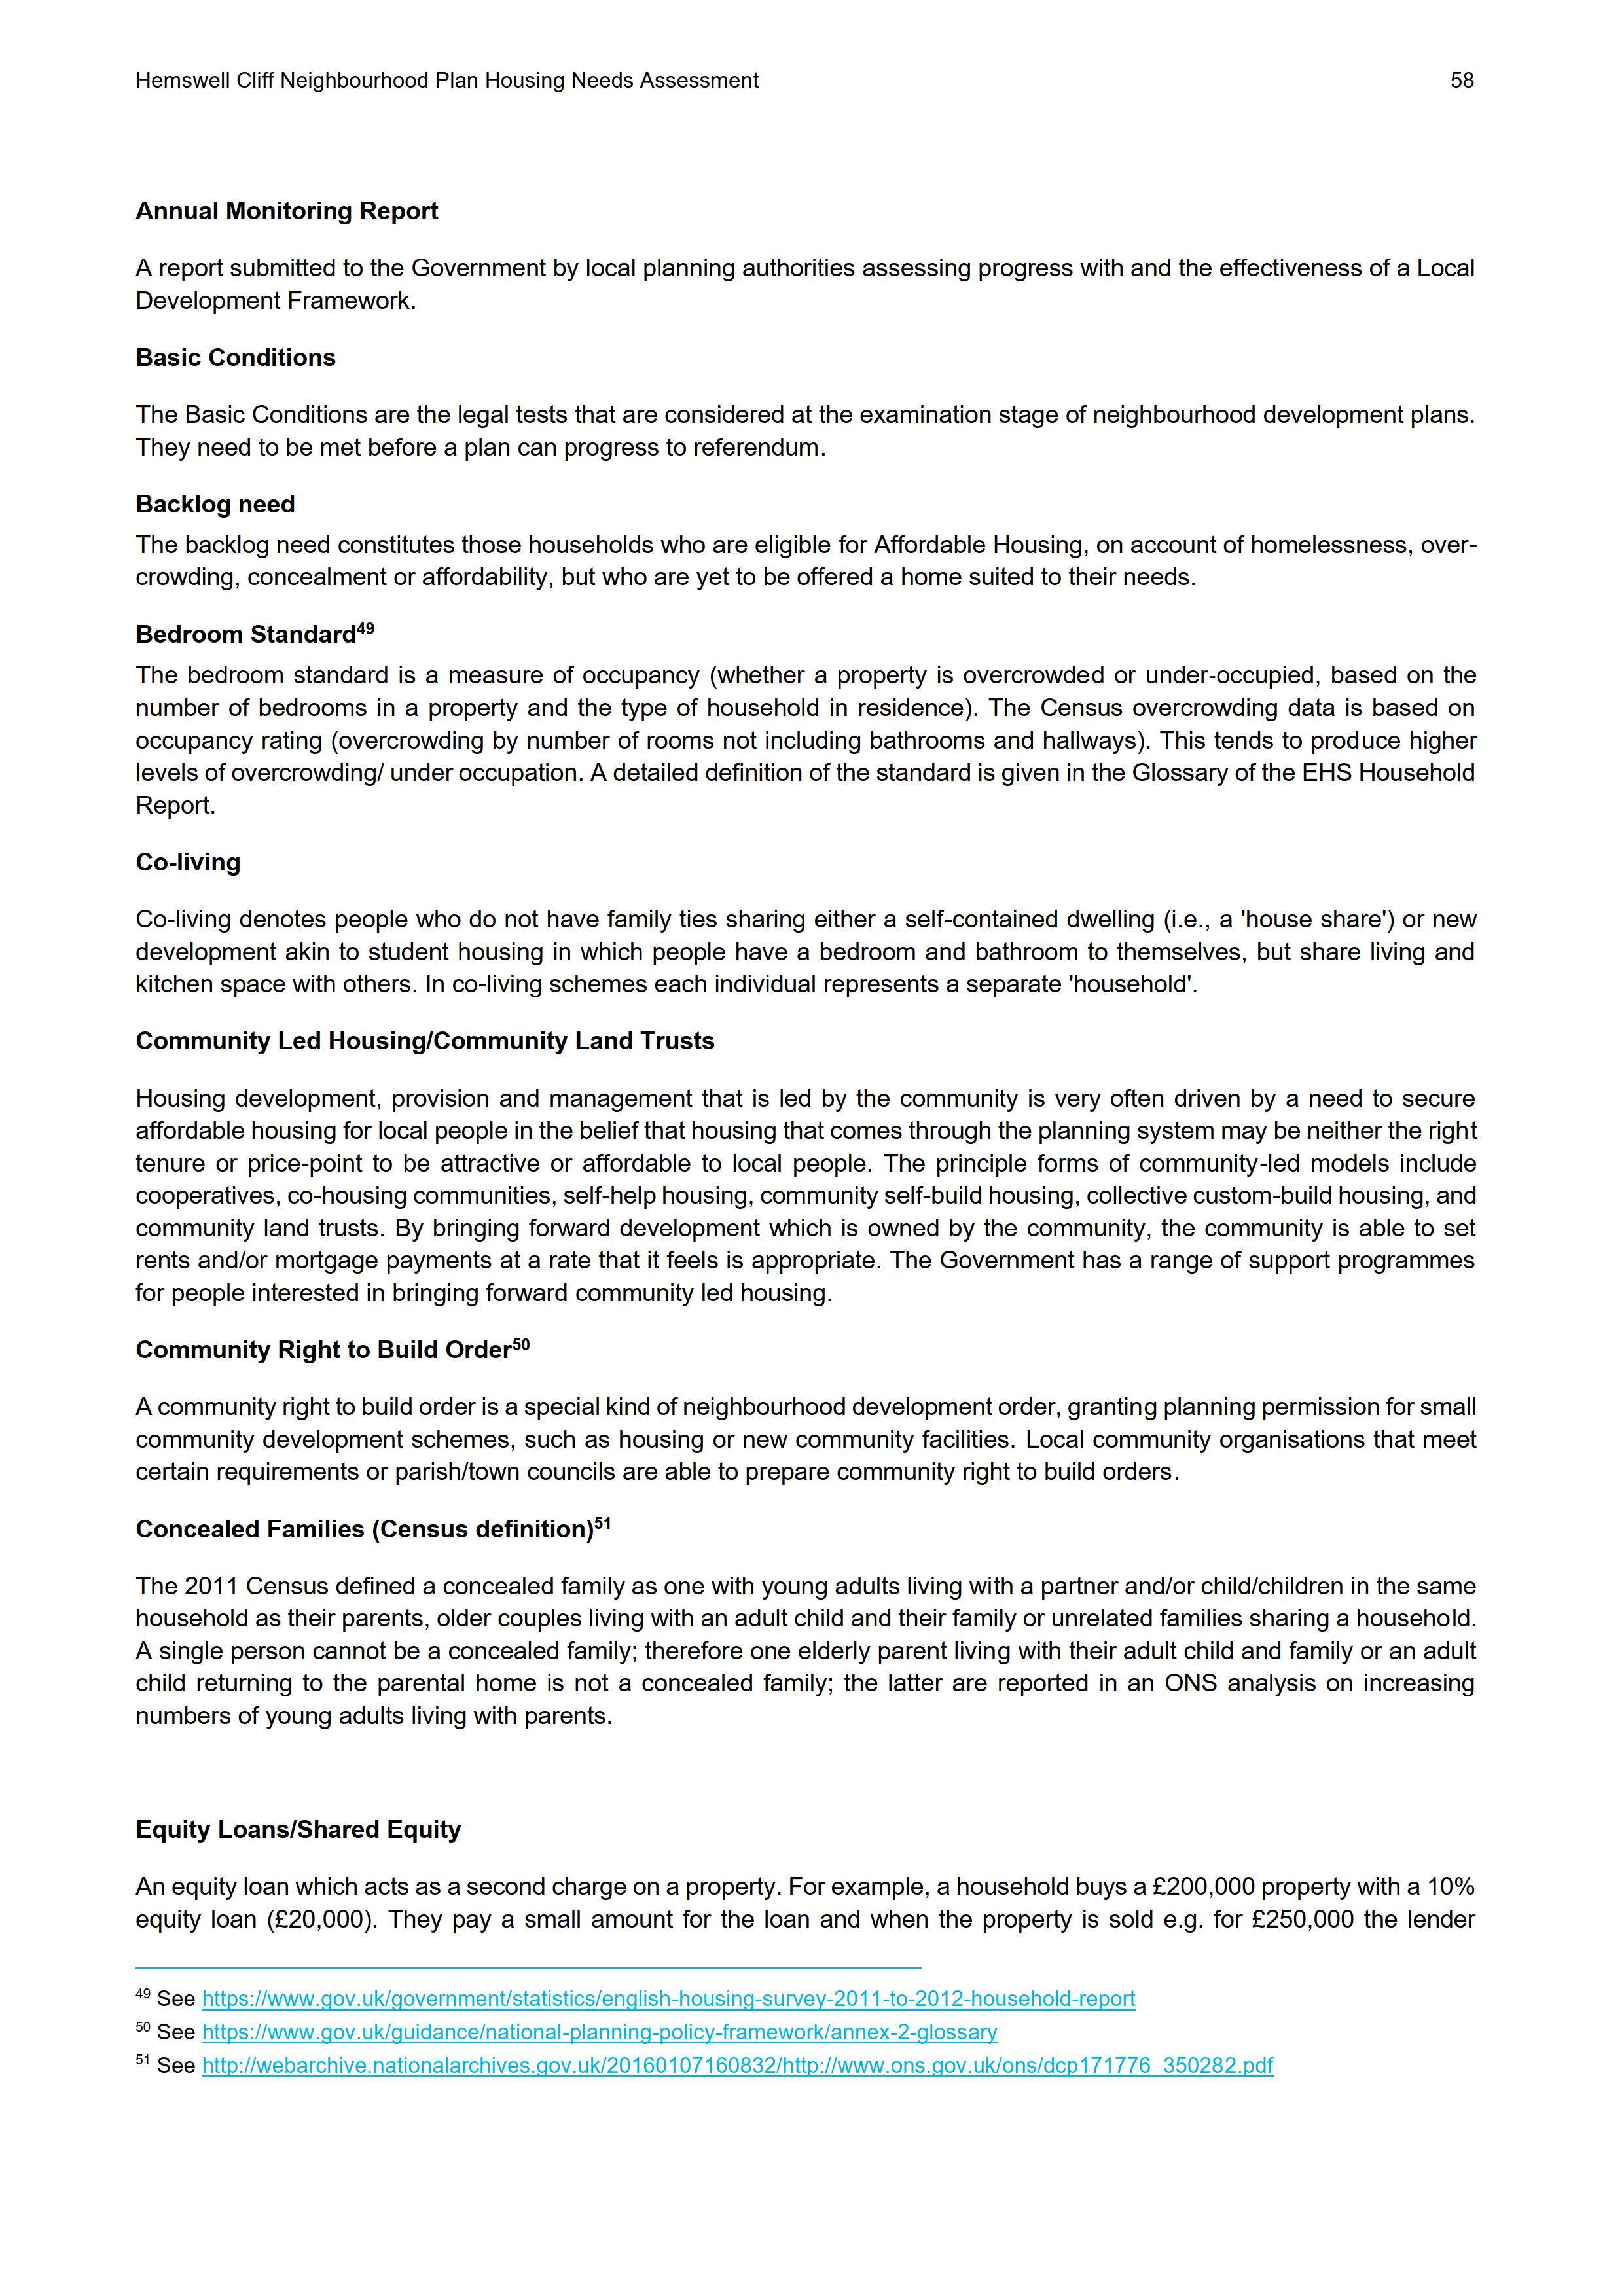 Hemswell_Cliff_Housing_Needs_Assessment_Final_58.png